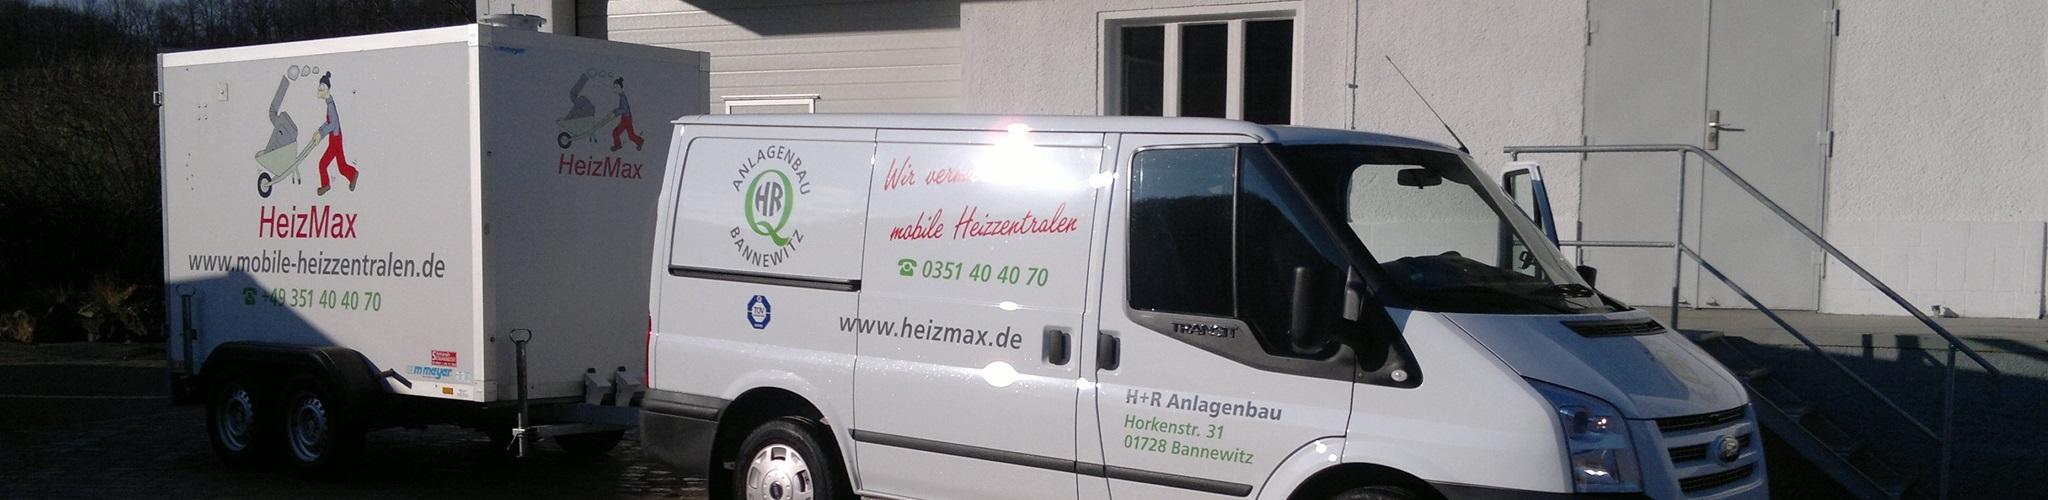 Thermische Desinfektion mit mobilen Heizanhängern vom HeizMax®